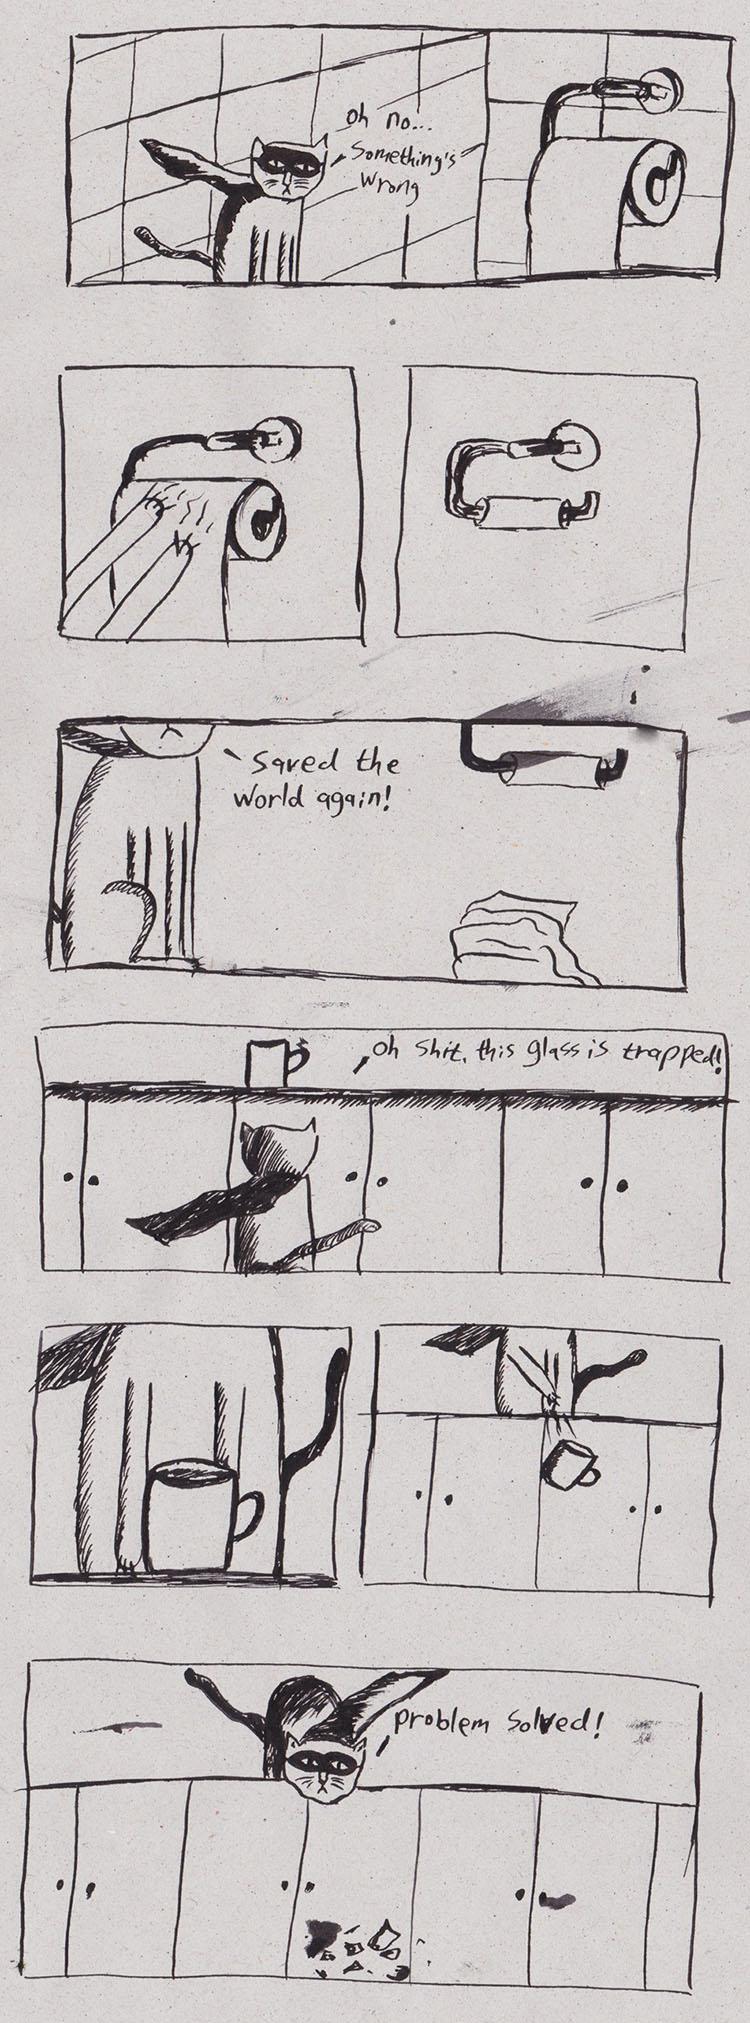 קומיקס של מאיה נקר על החתול המושיע